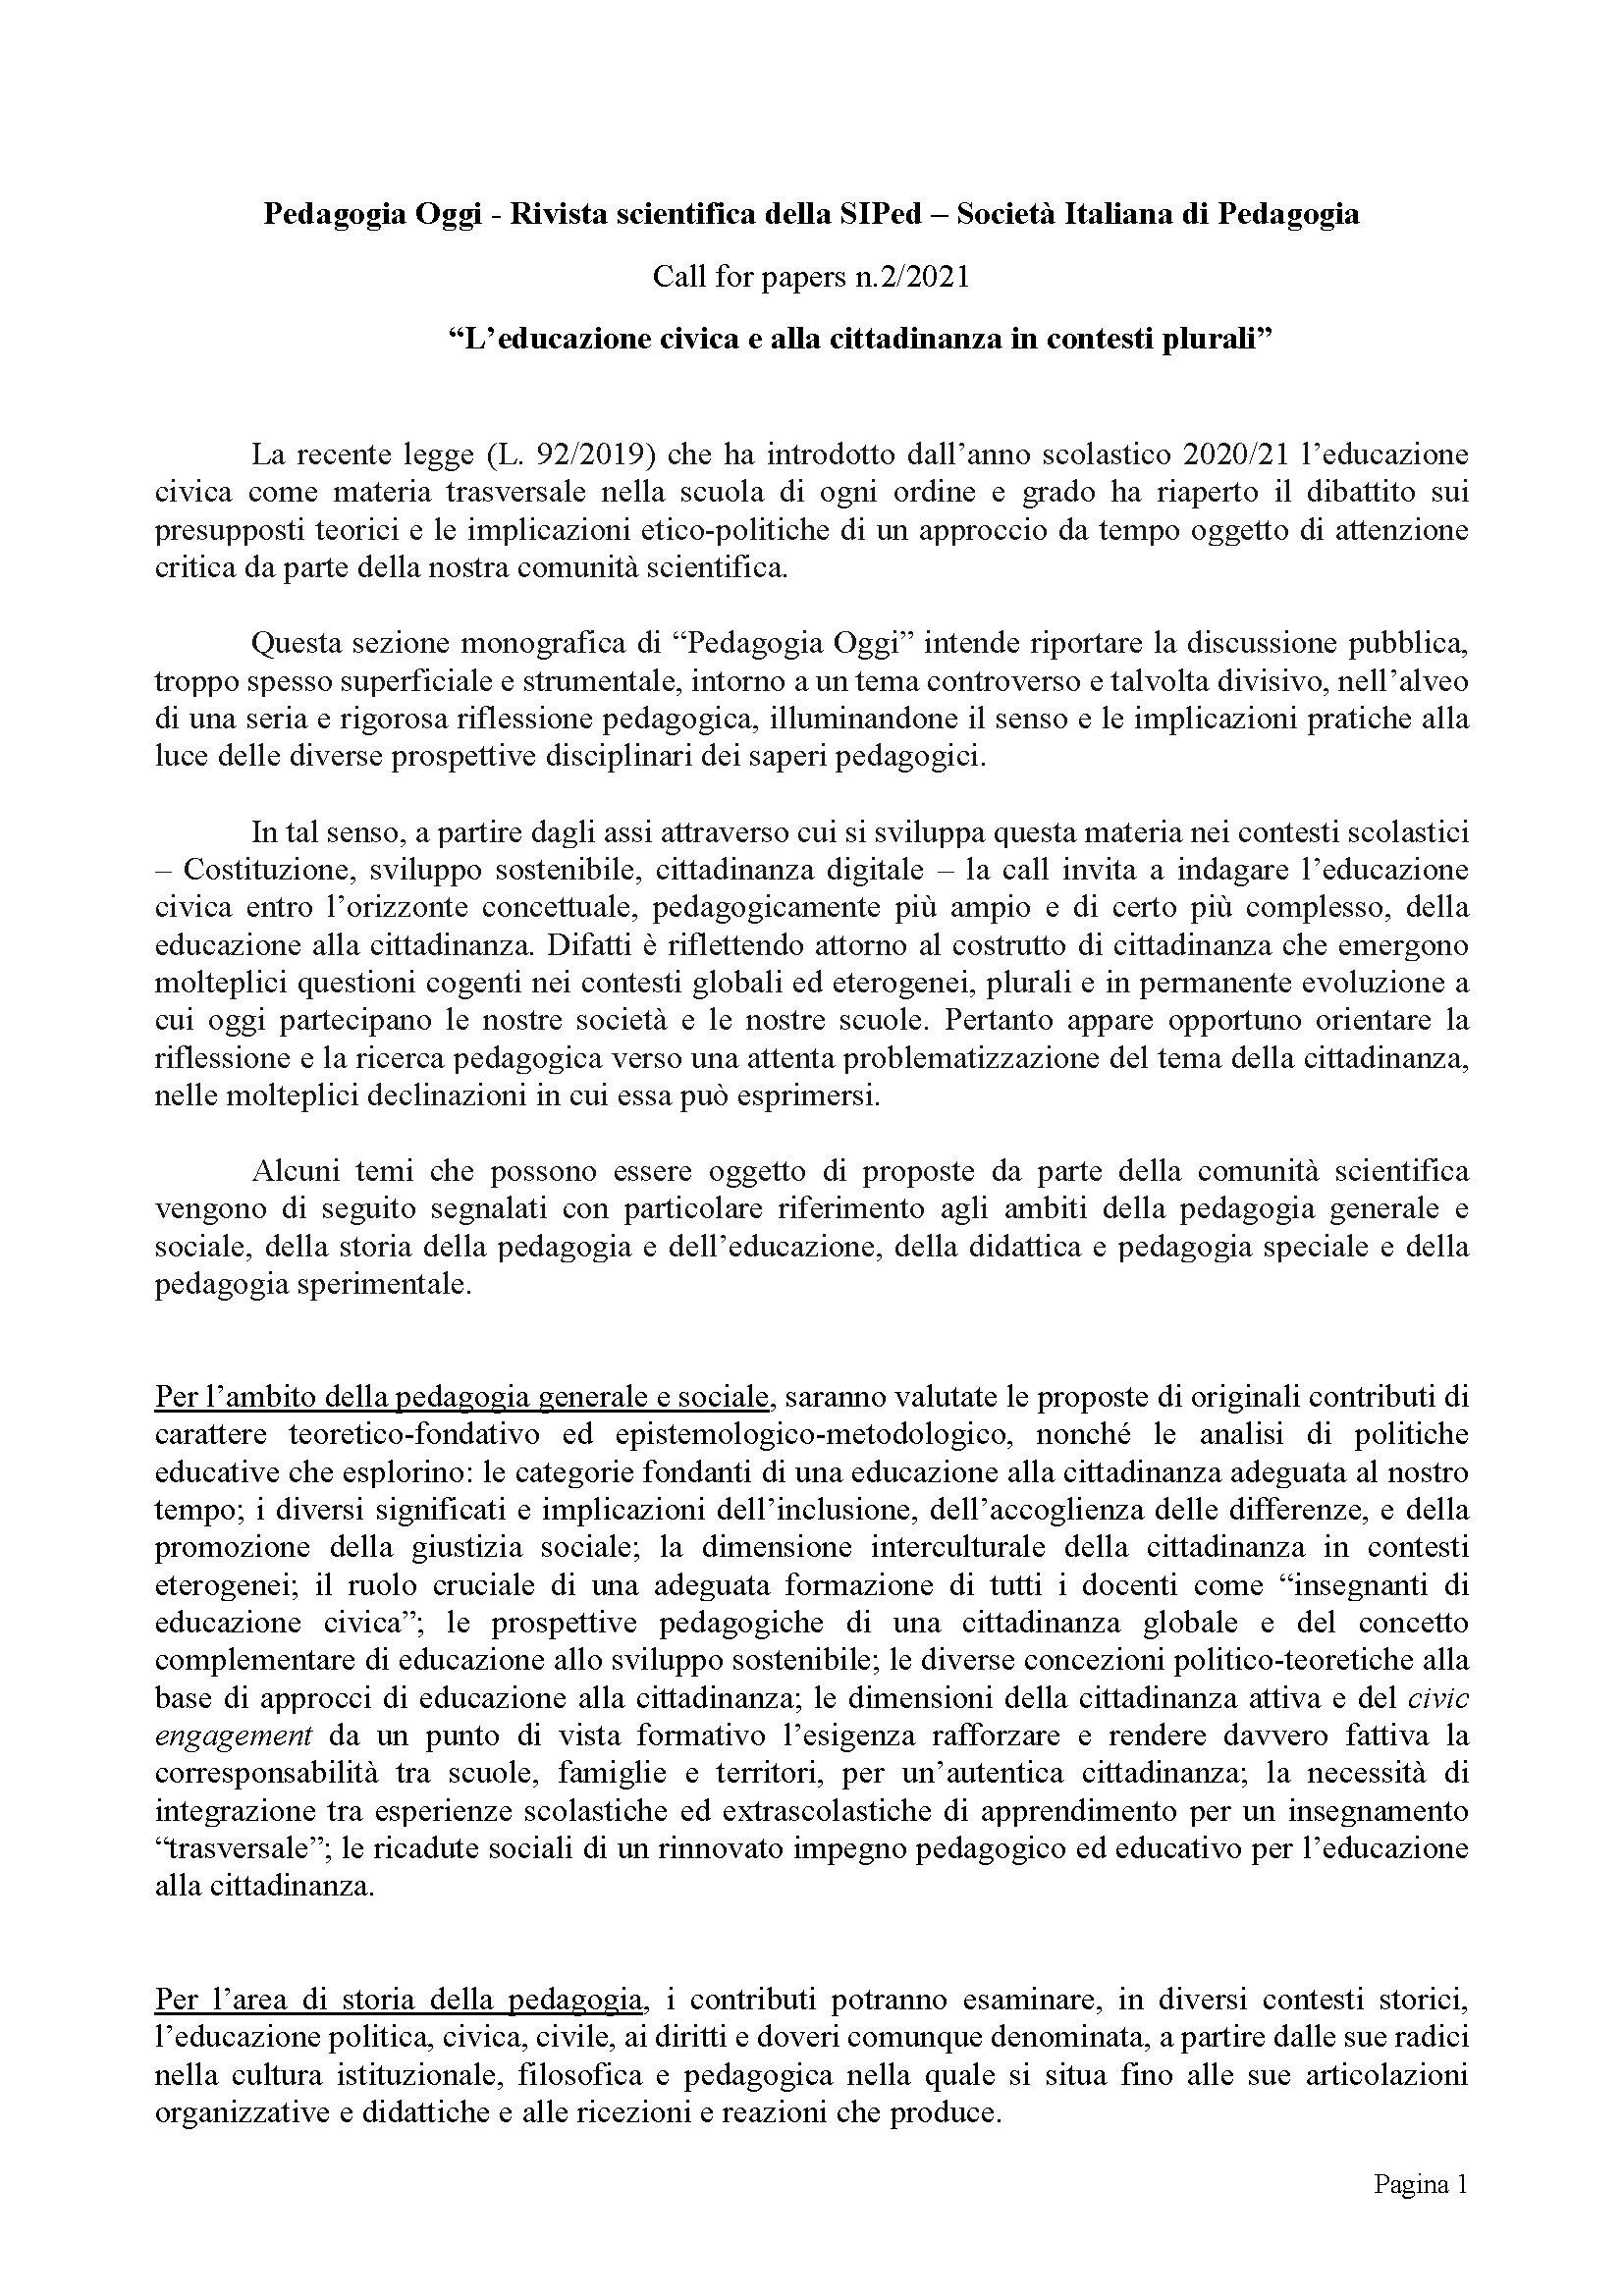 Pedagogia Oggi - CFP - 02-2021 - Educazione civica e cittadinanza - Pagina 1